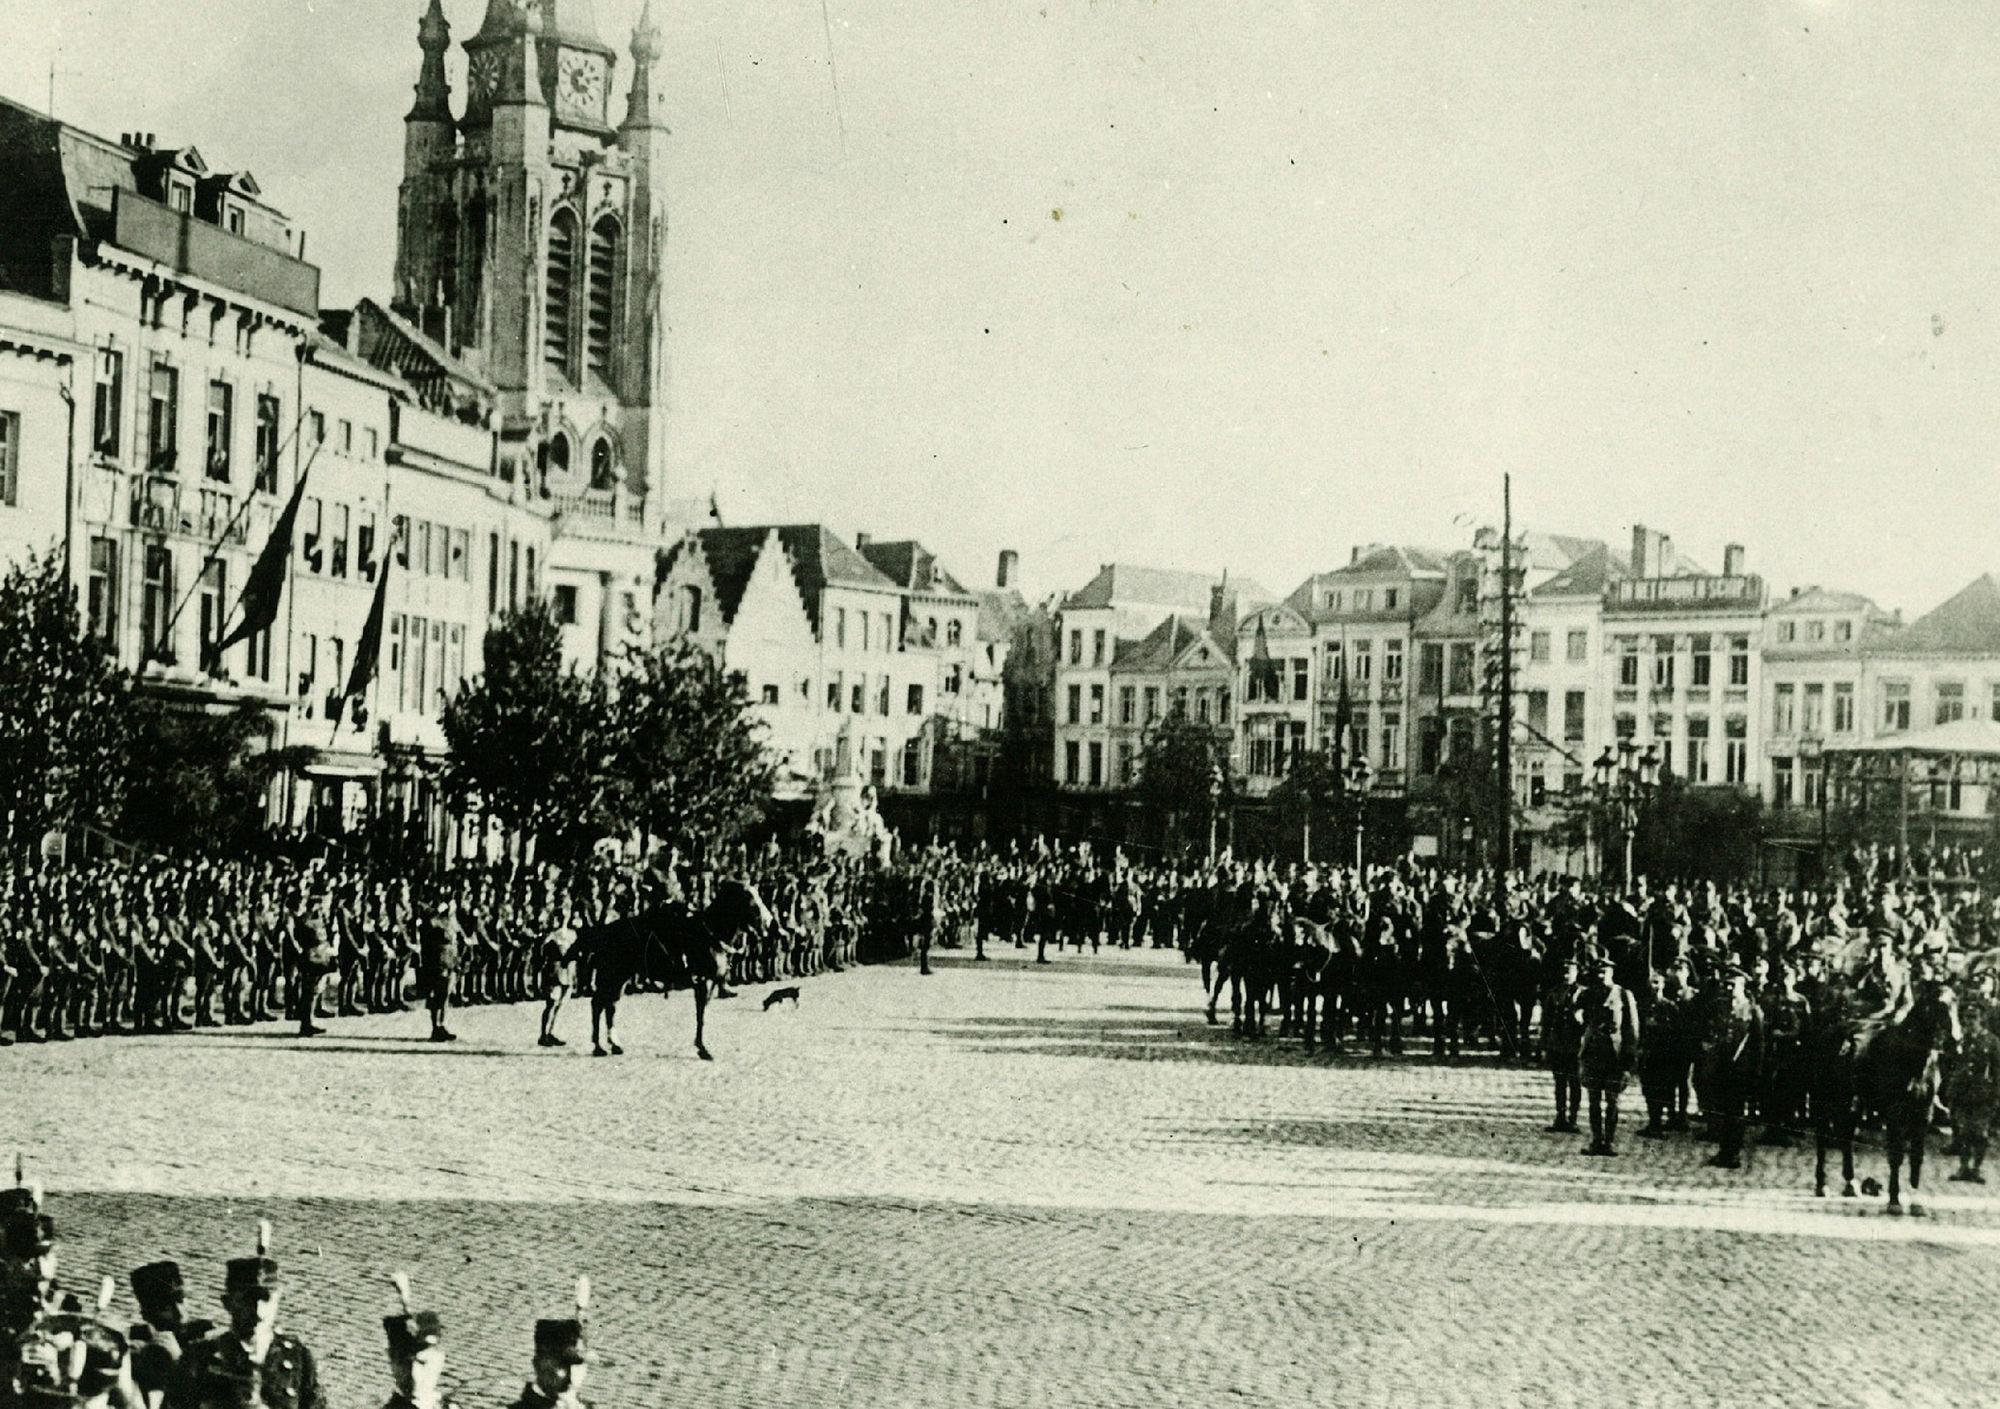 De bevrijding in oktober 1918